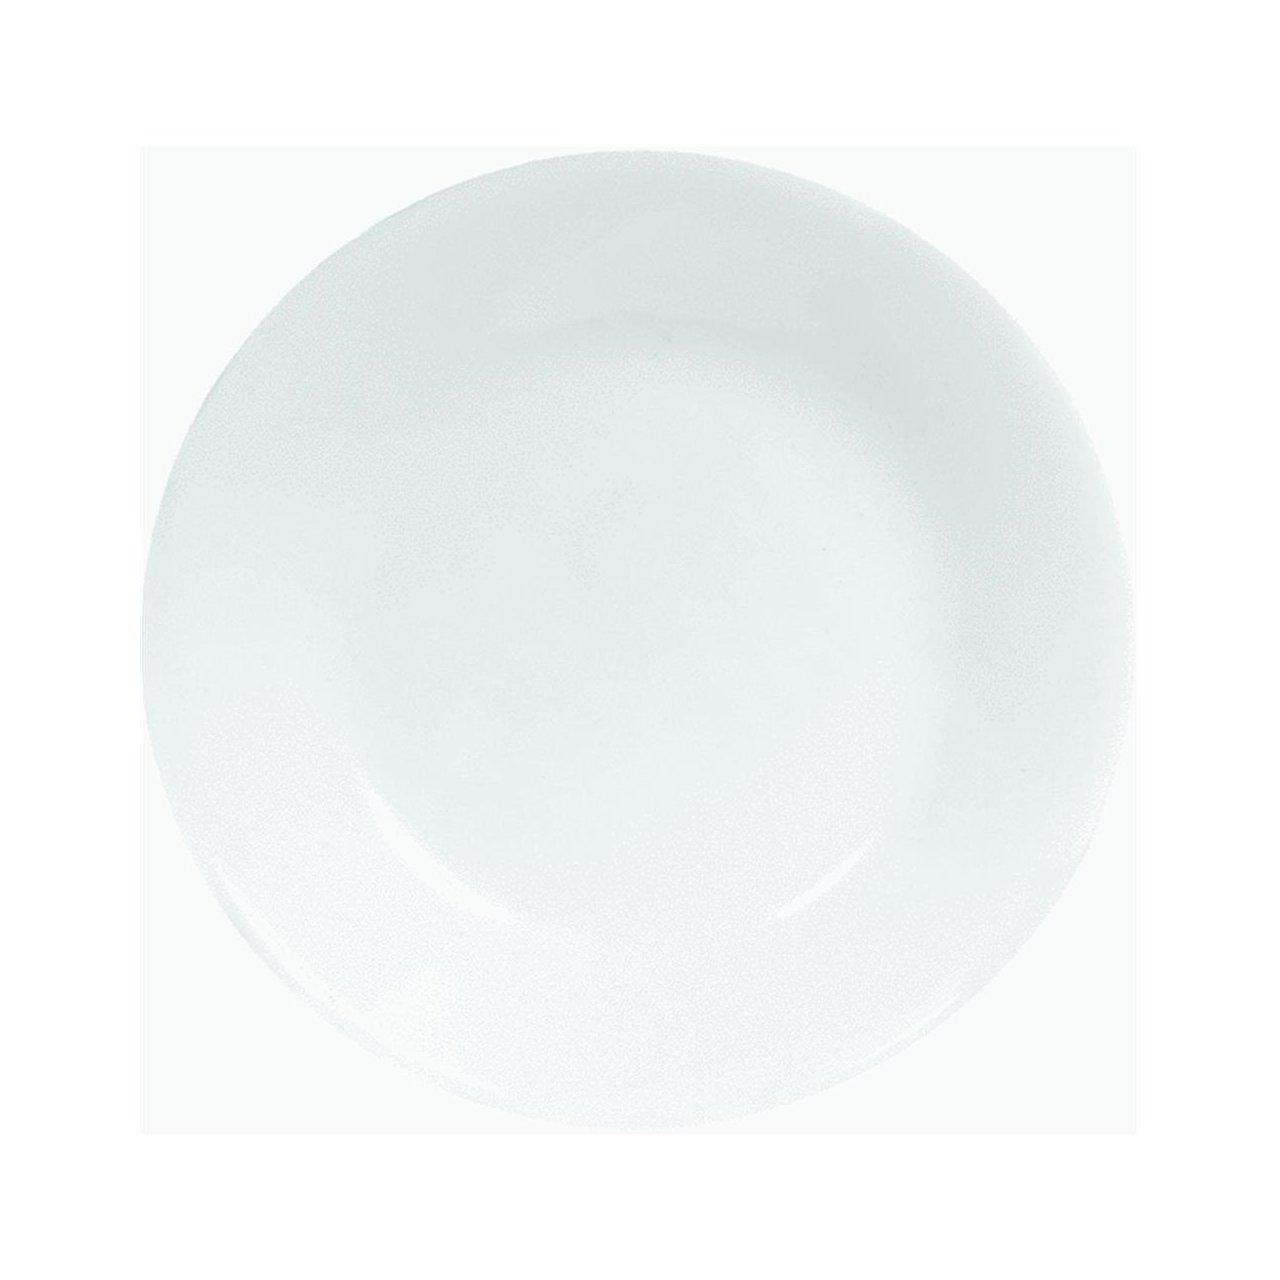 Corelle Brilliant Black Beads Plates White Bread & Butter 6-3/4